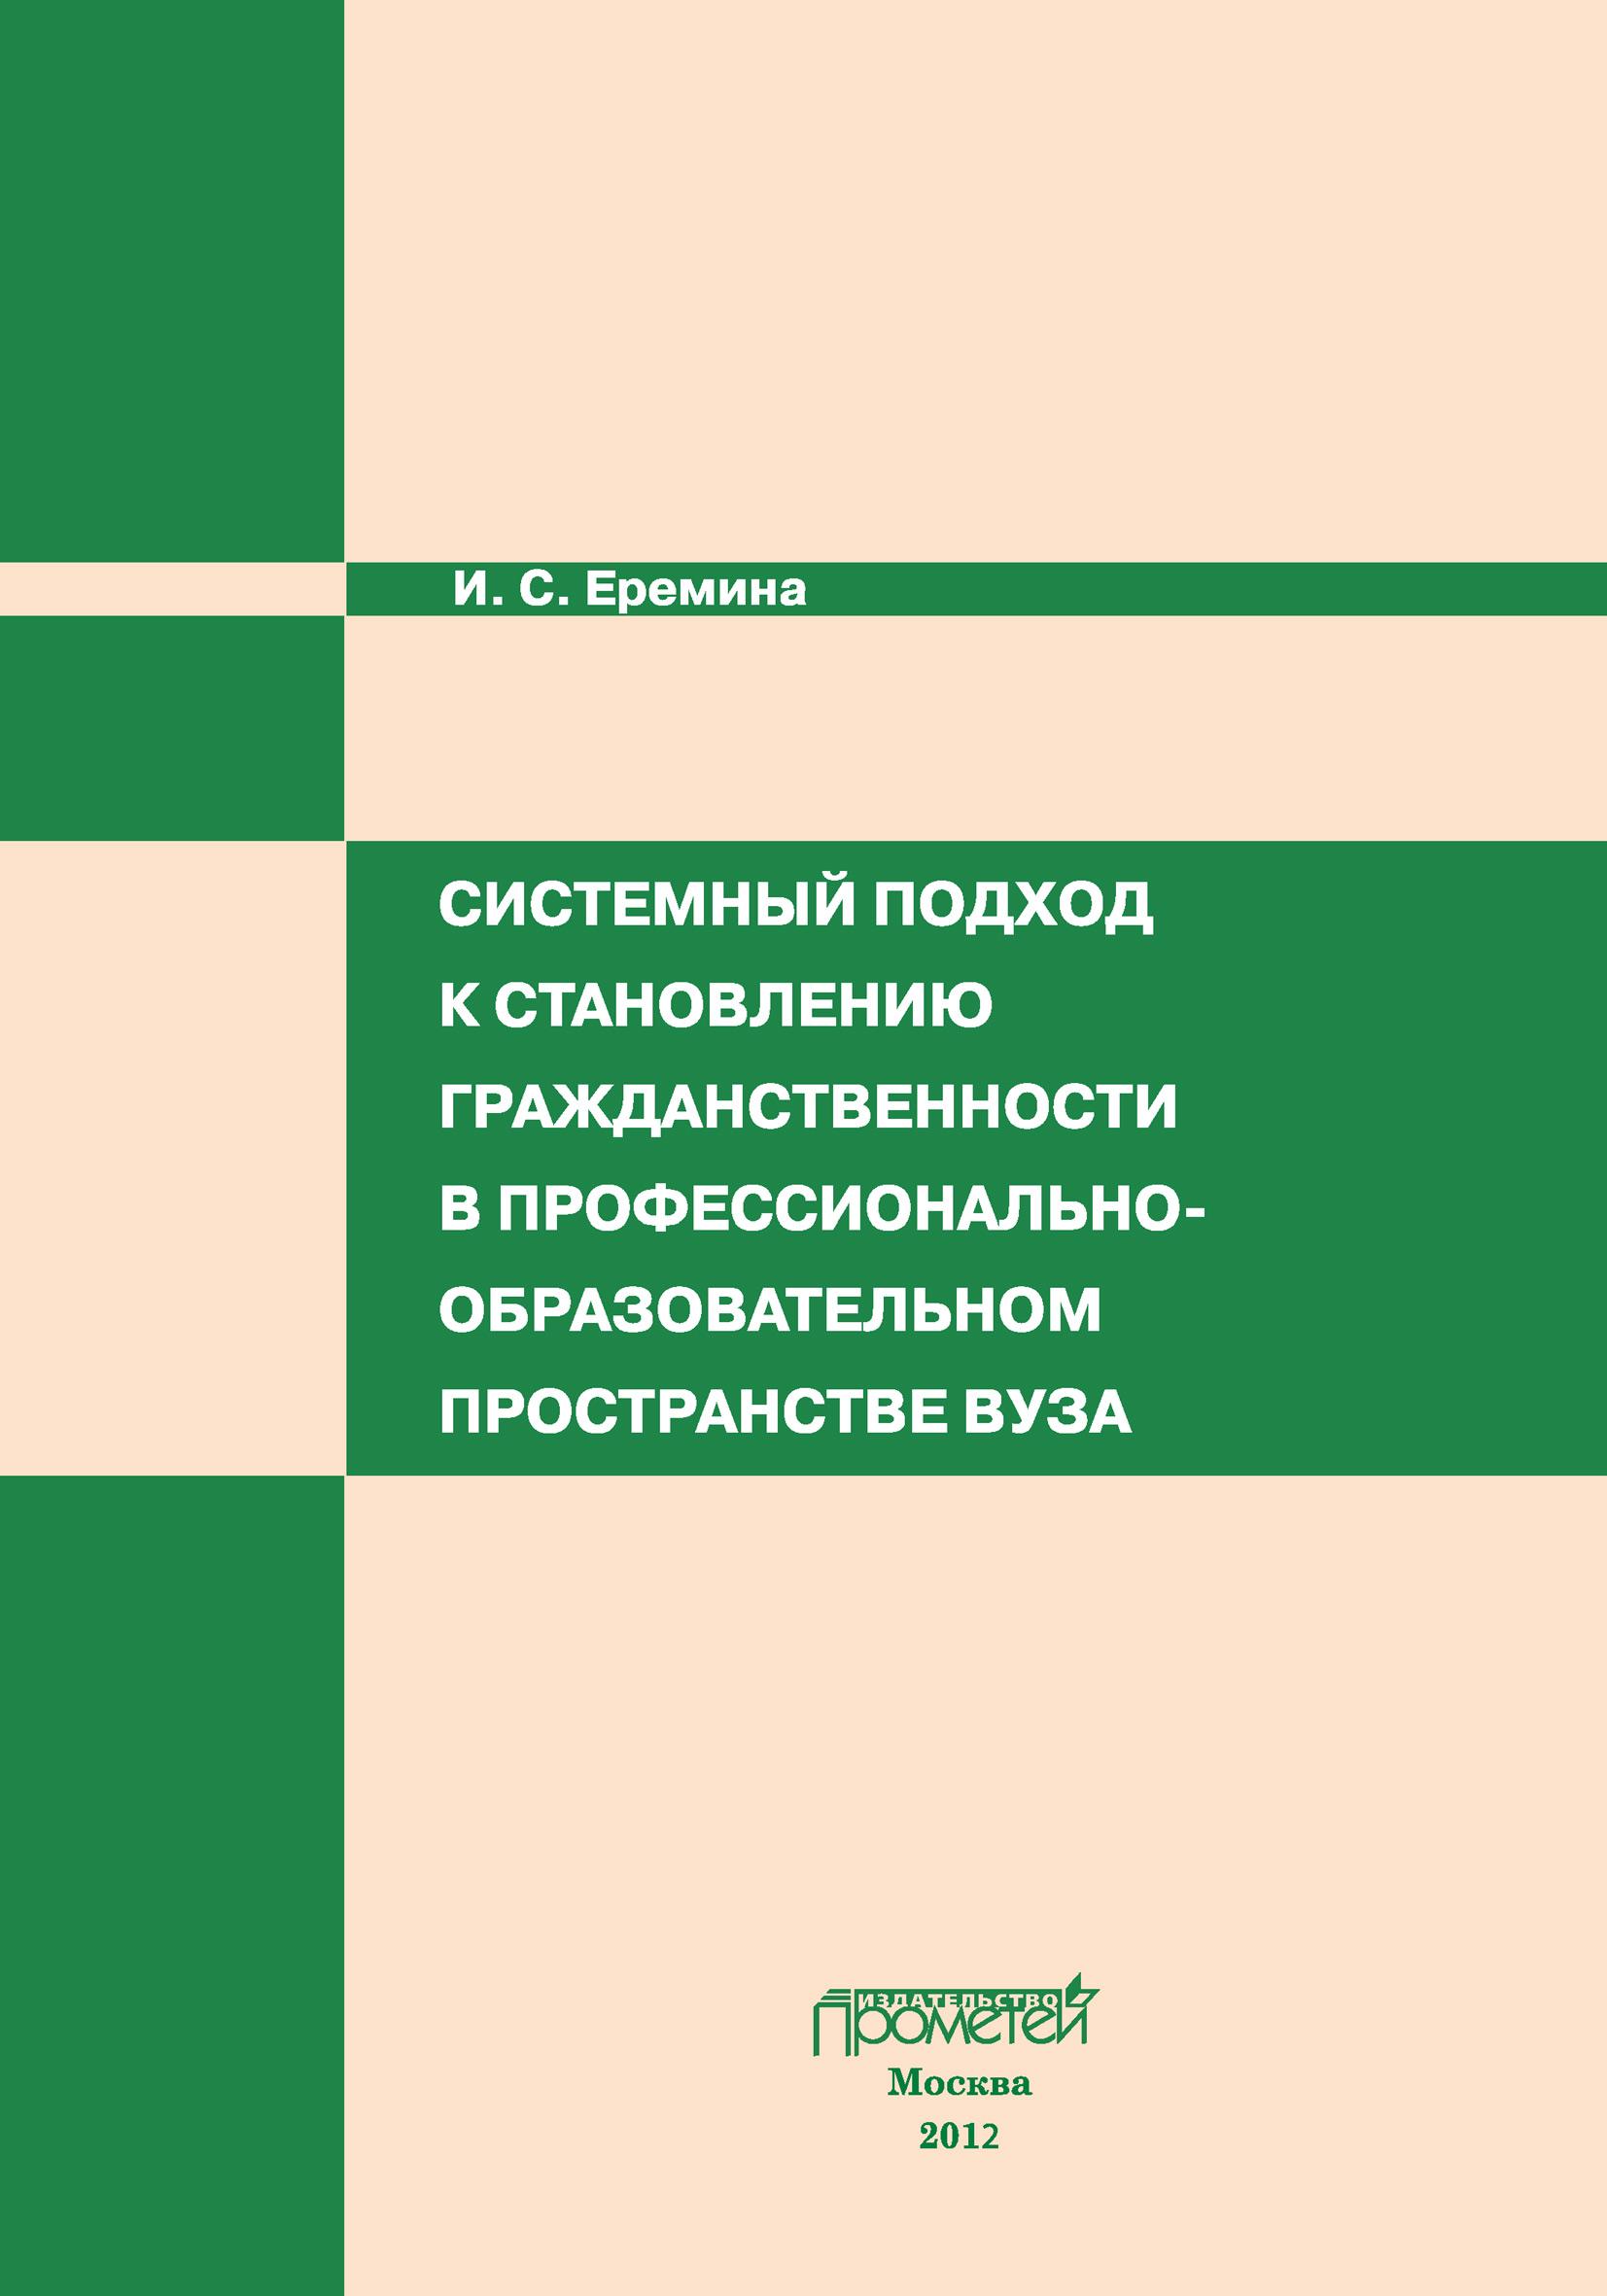 И. С. Еремина Системный подход к становлению гражданственности в профессионально-образовательном пространстве вуза